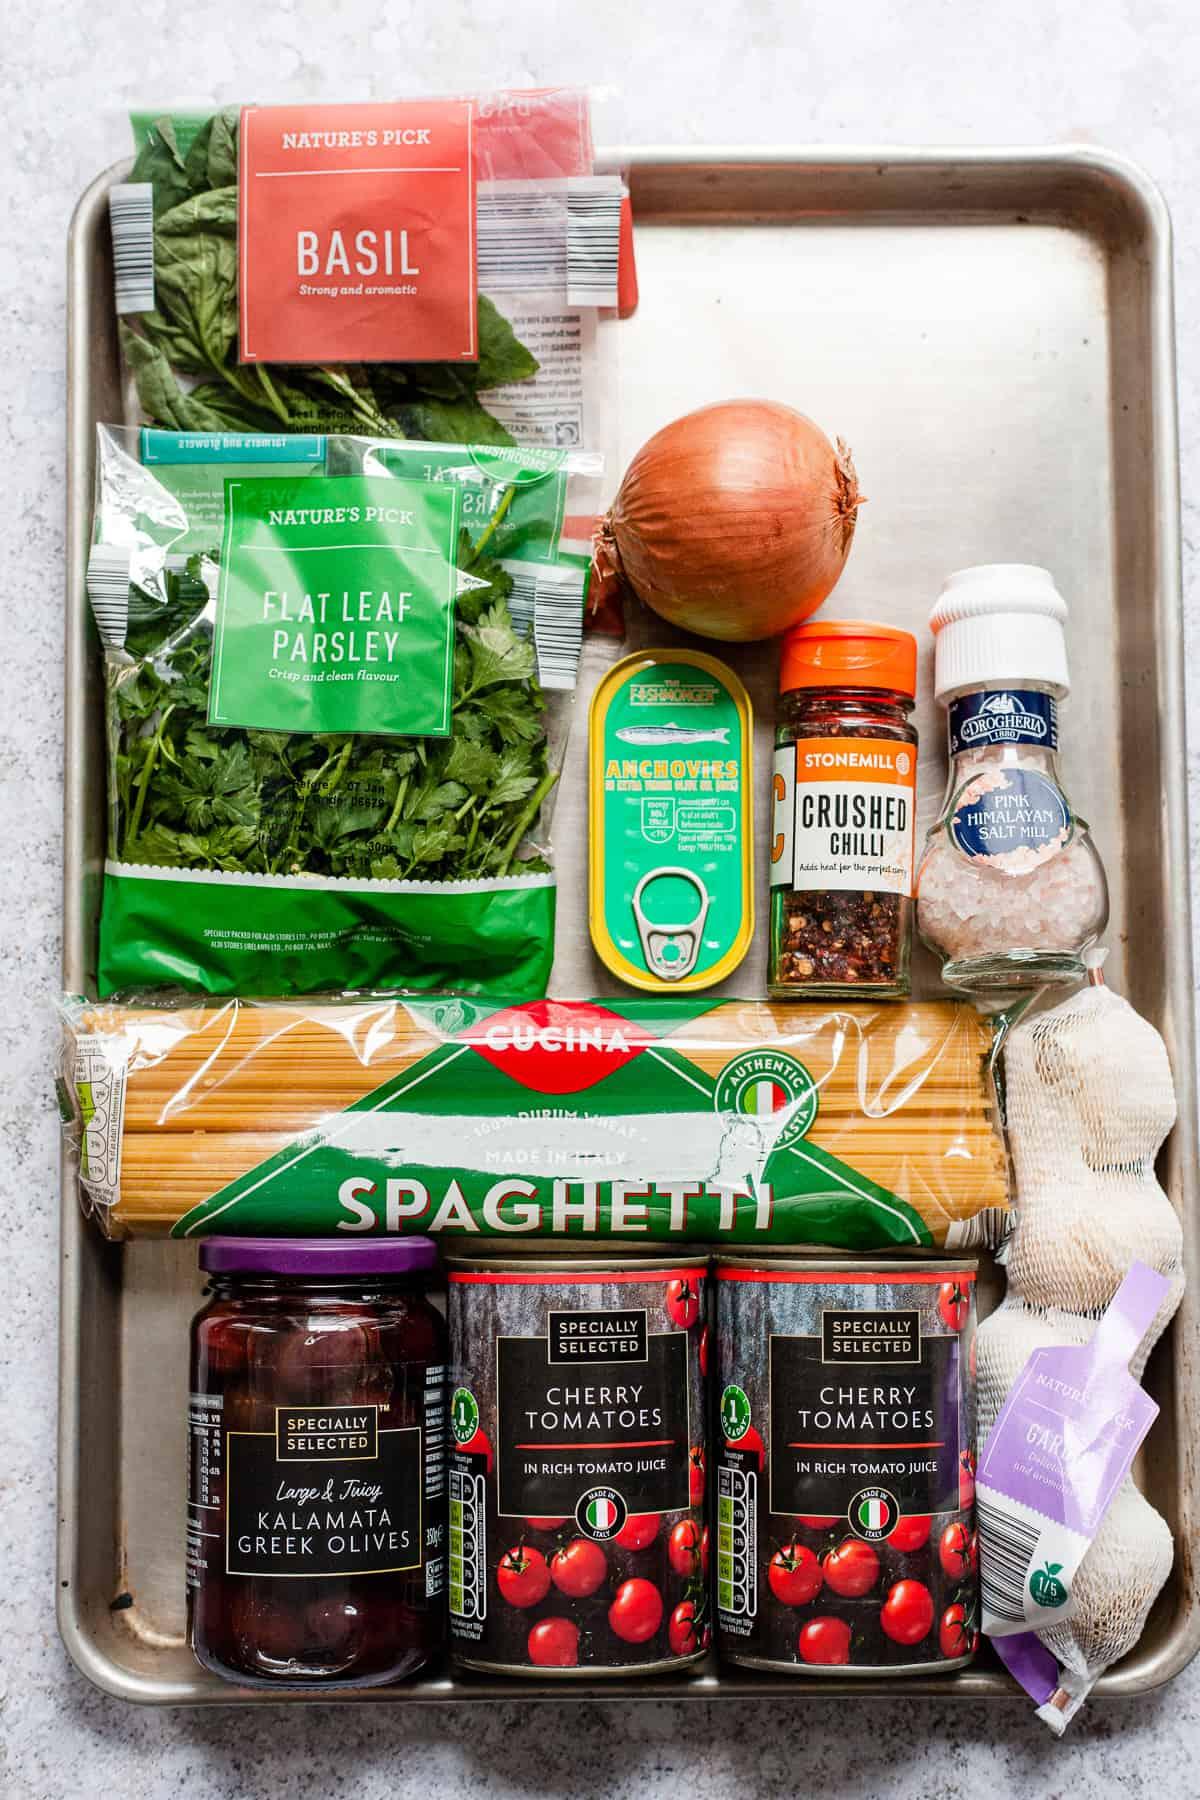 Aldi ingredients for making puttanesca pasta